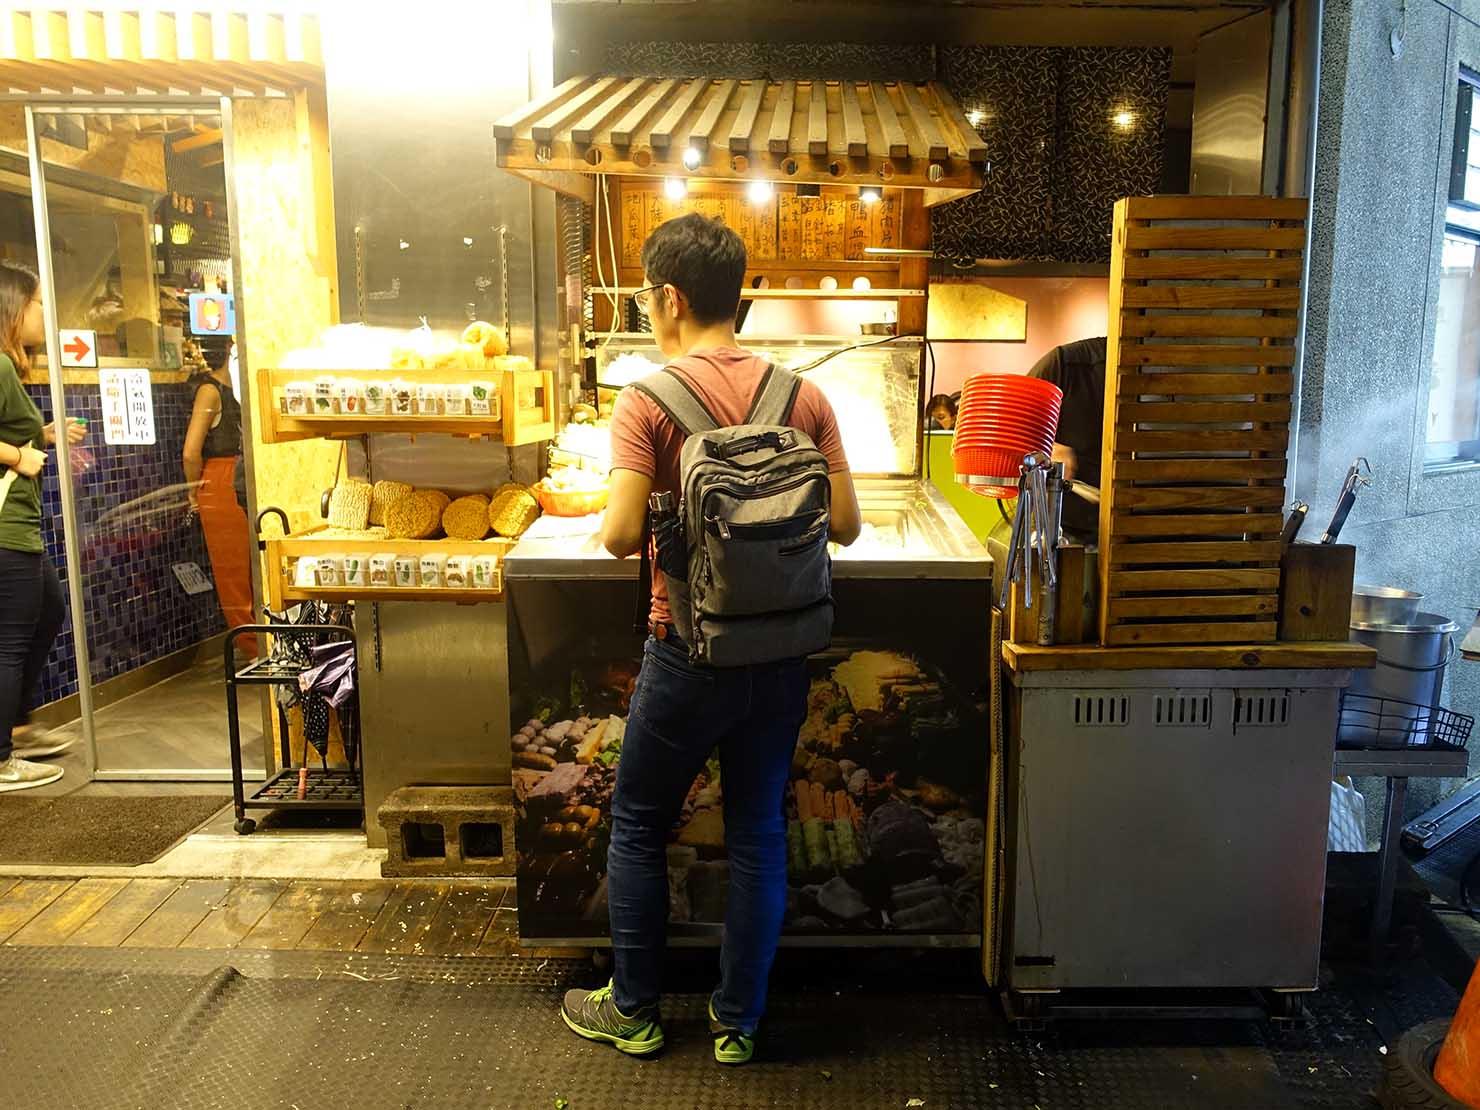 台北・中山駅周辺のおすすめグルメ店「真香滷味」の軒先